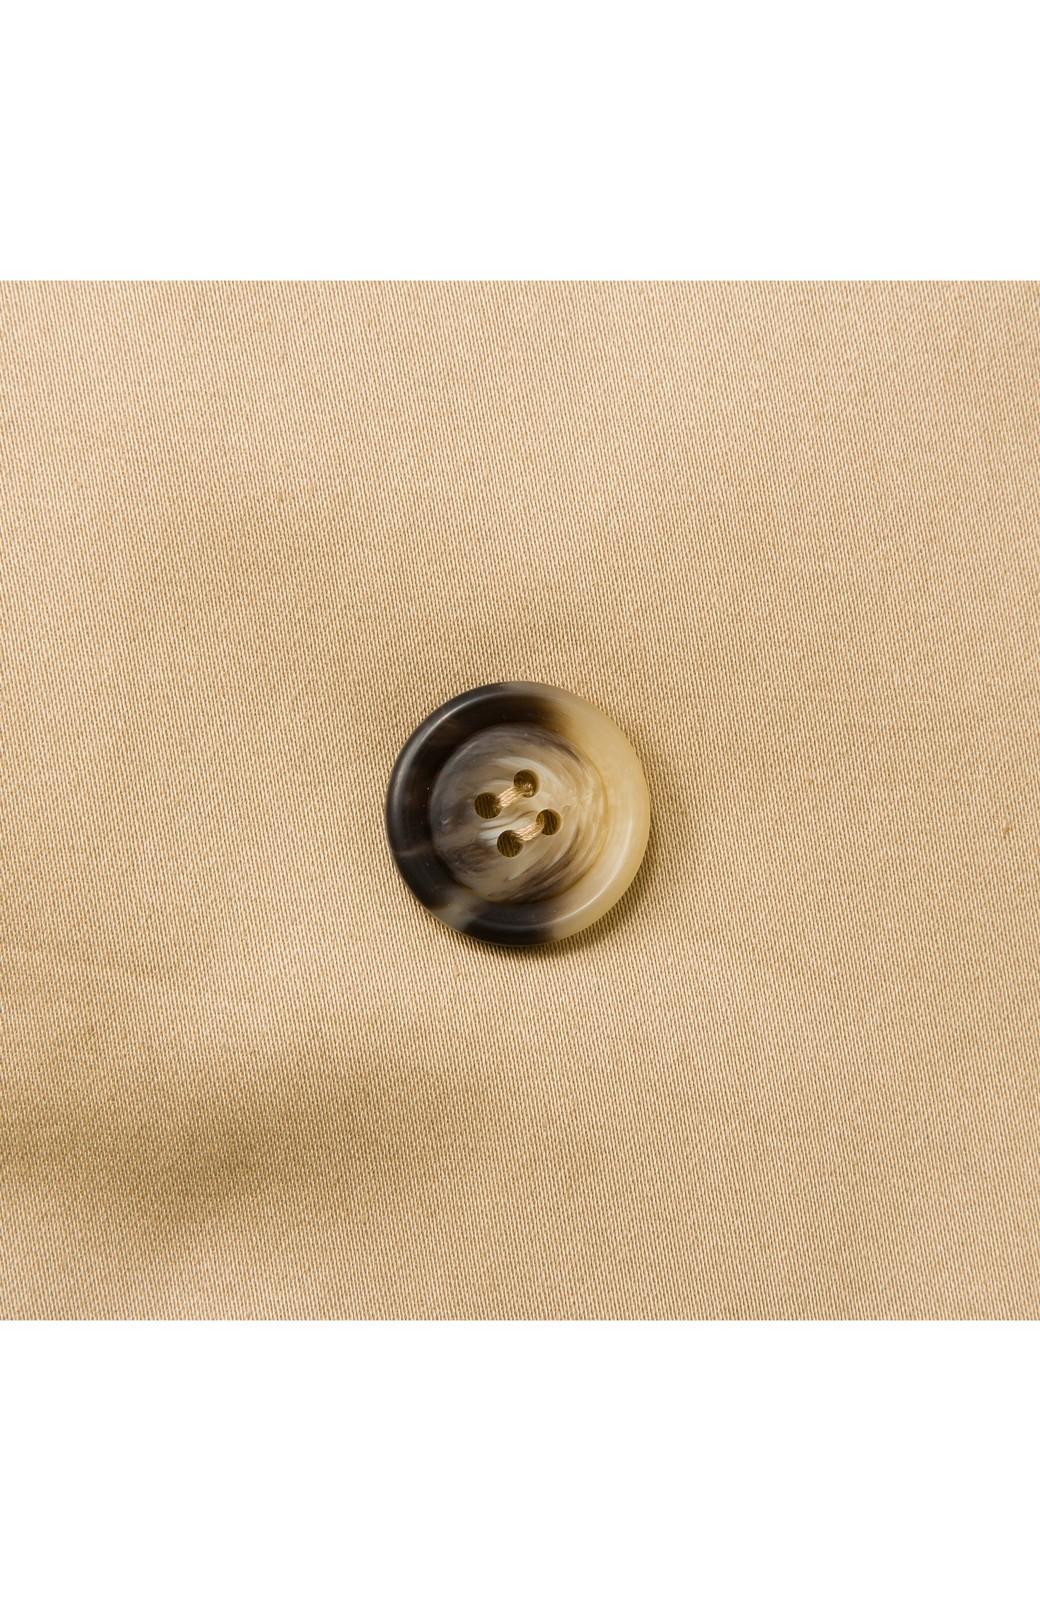 ロジーズ こっそりチェックがかわいいテーラードロングコート <ベージュ>の商品写真8